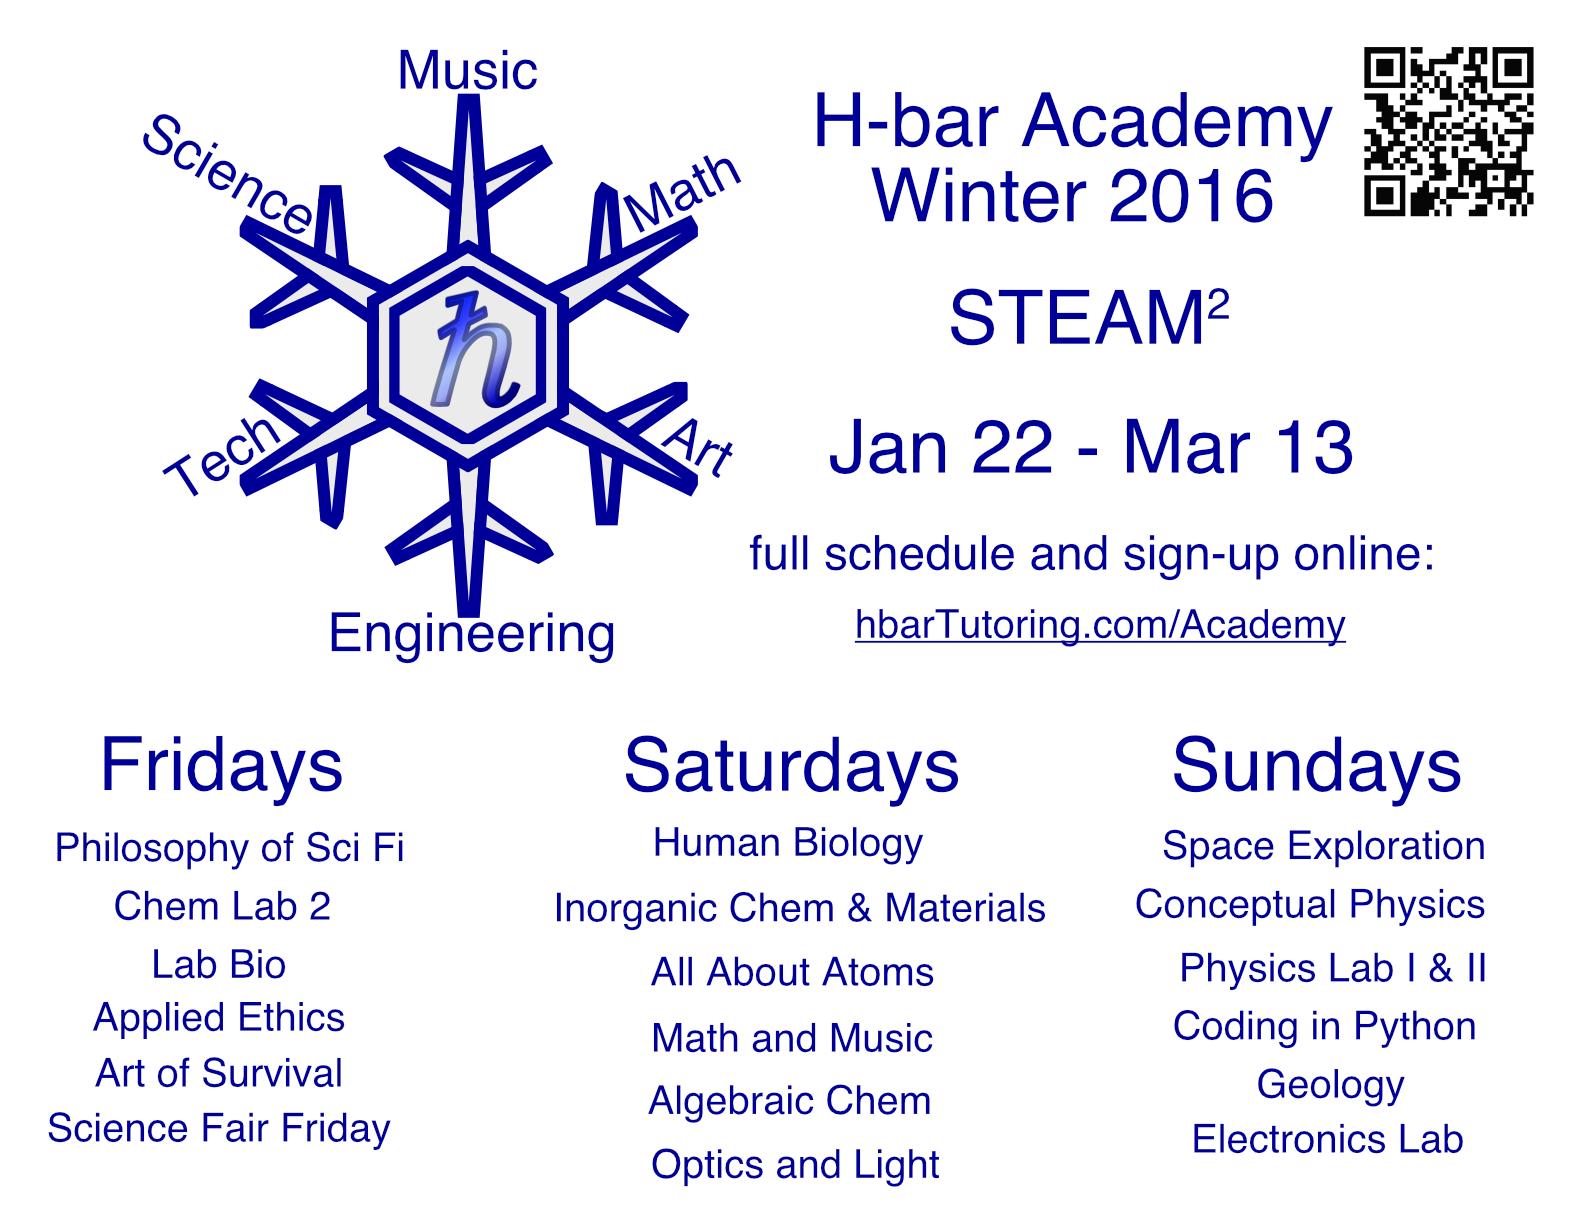 Hbar Academy Winter 2016.png